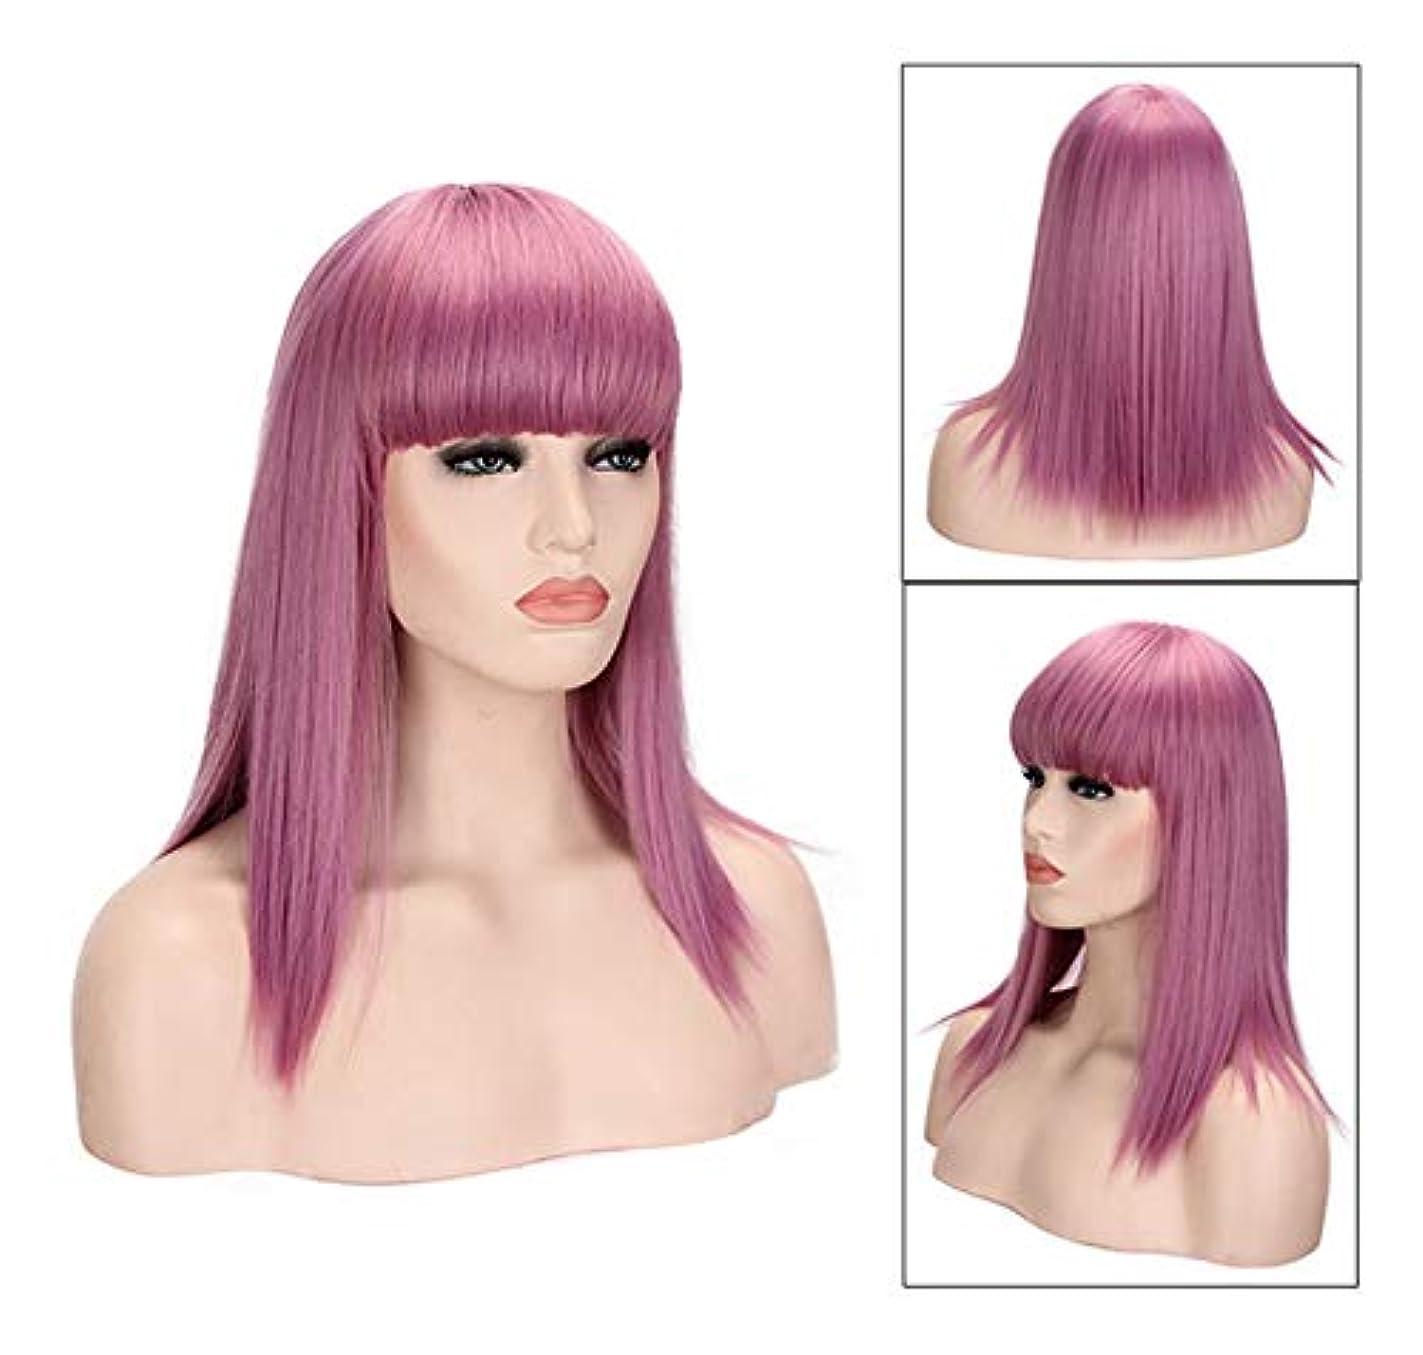 気味の悪い講師論理的に女性用フルウィッグ、コスプレパーティーデイリードレスのヘアピースの前髪と自然なピンク合成ミディアムロングストレートの髪